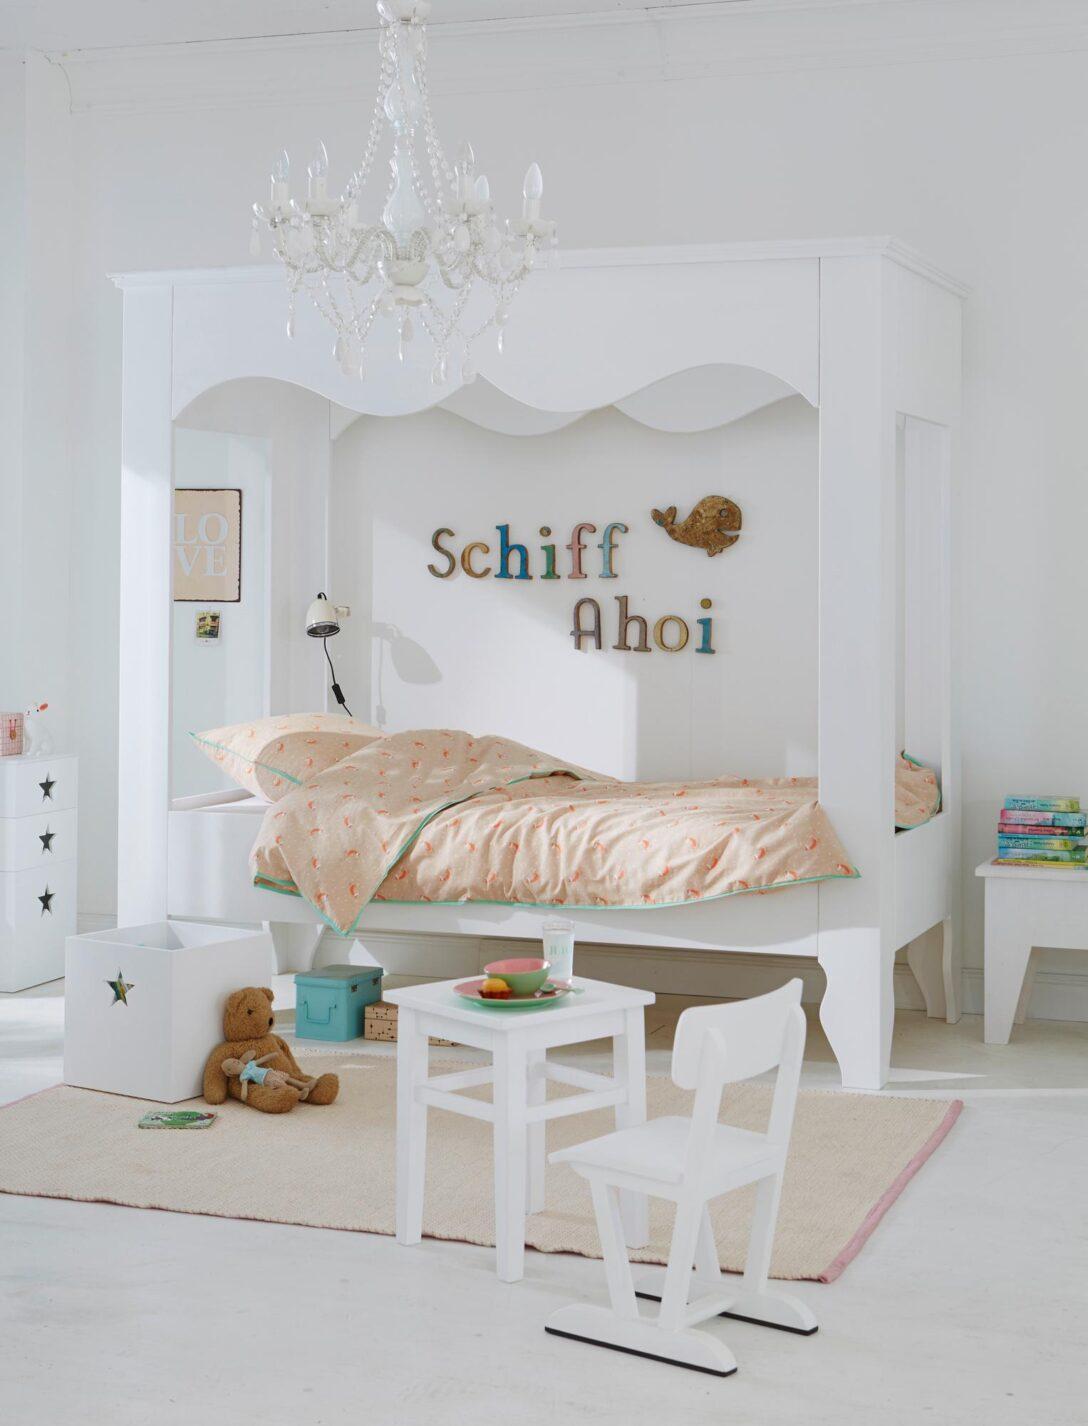 Large Size of Kronleuchter Kinderzimmer Weies Weieshimmelbett Regal Weiß Schlafzimmer Sofa Regale Kinderzimmer Kronleuchter Kinderzimmer